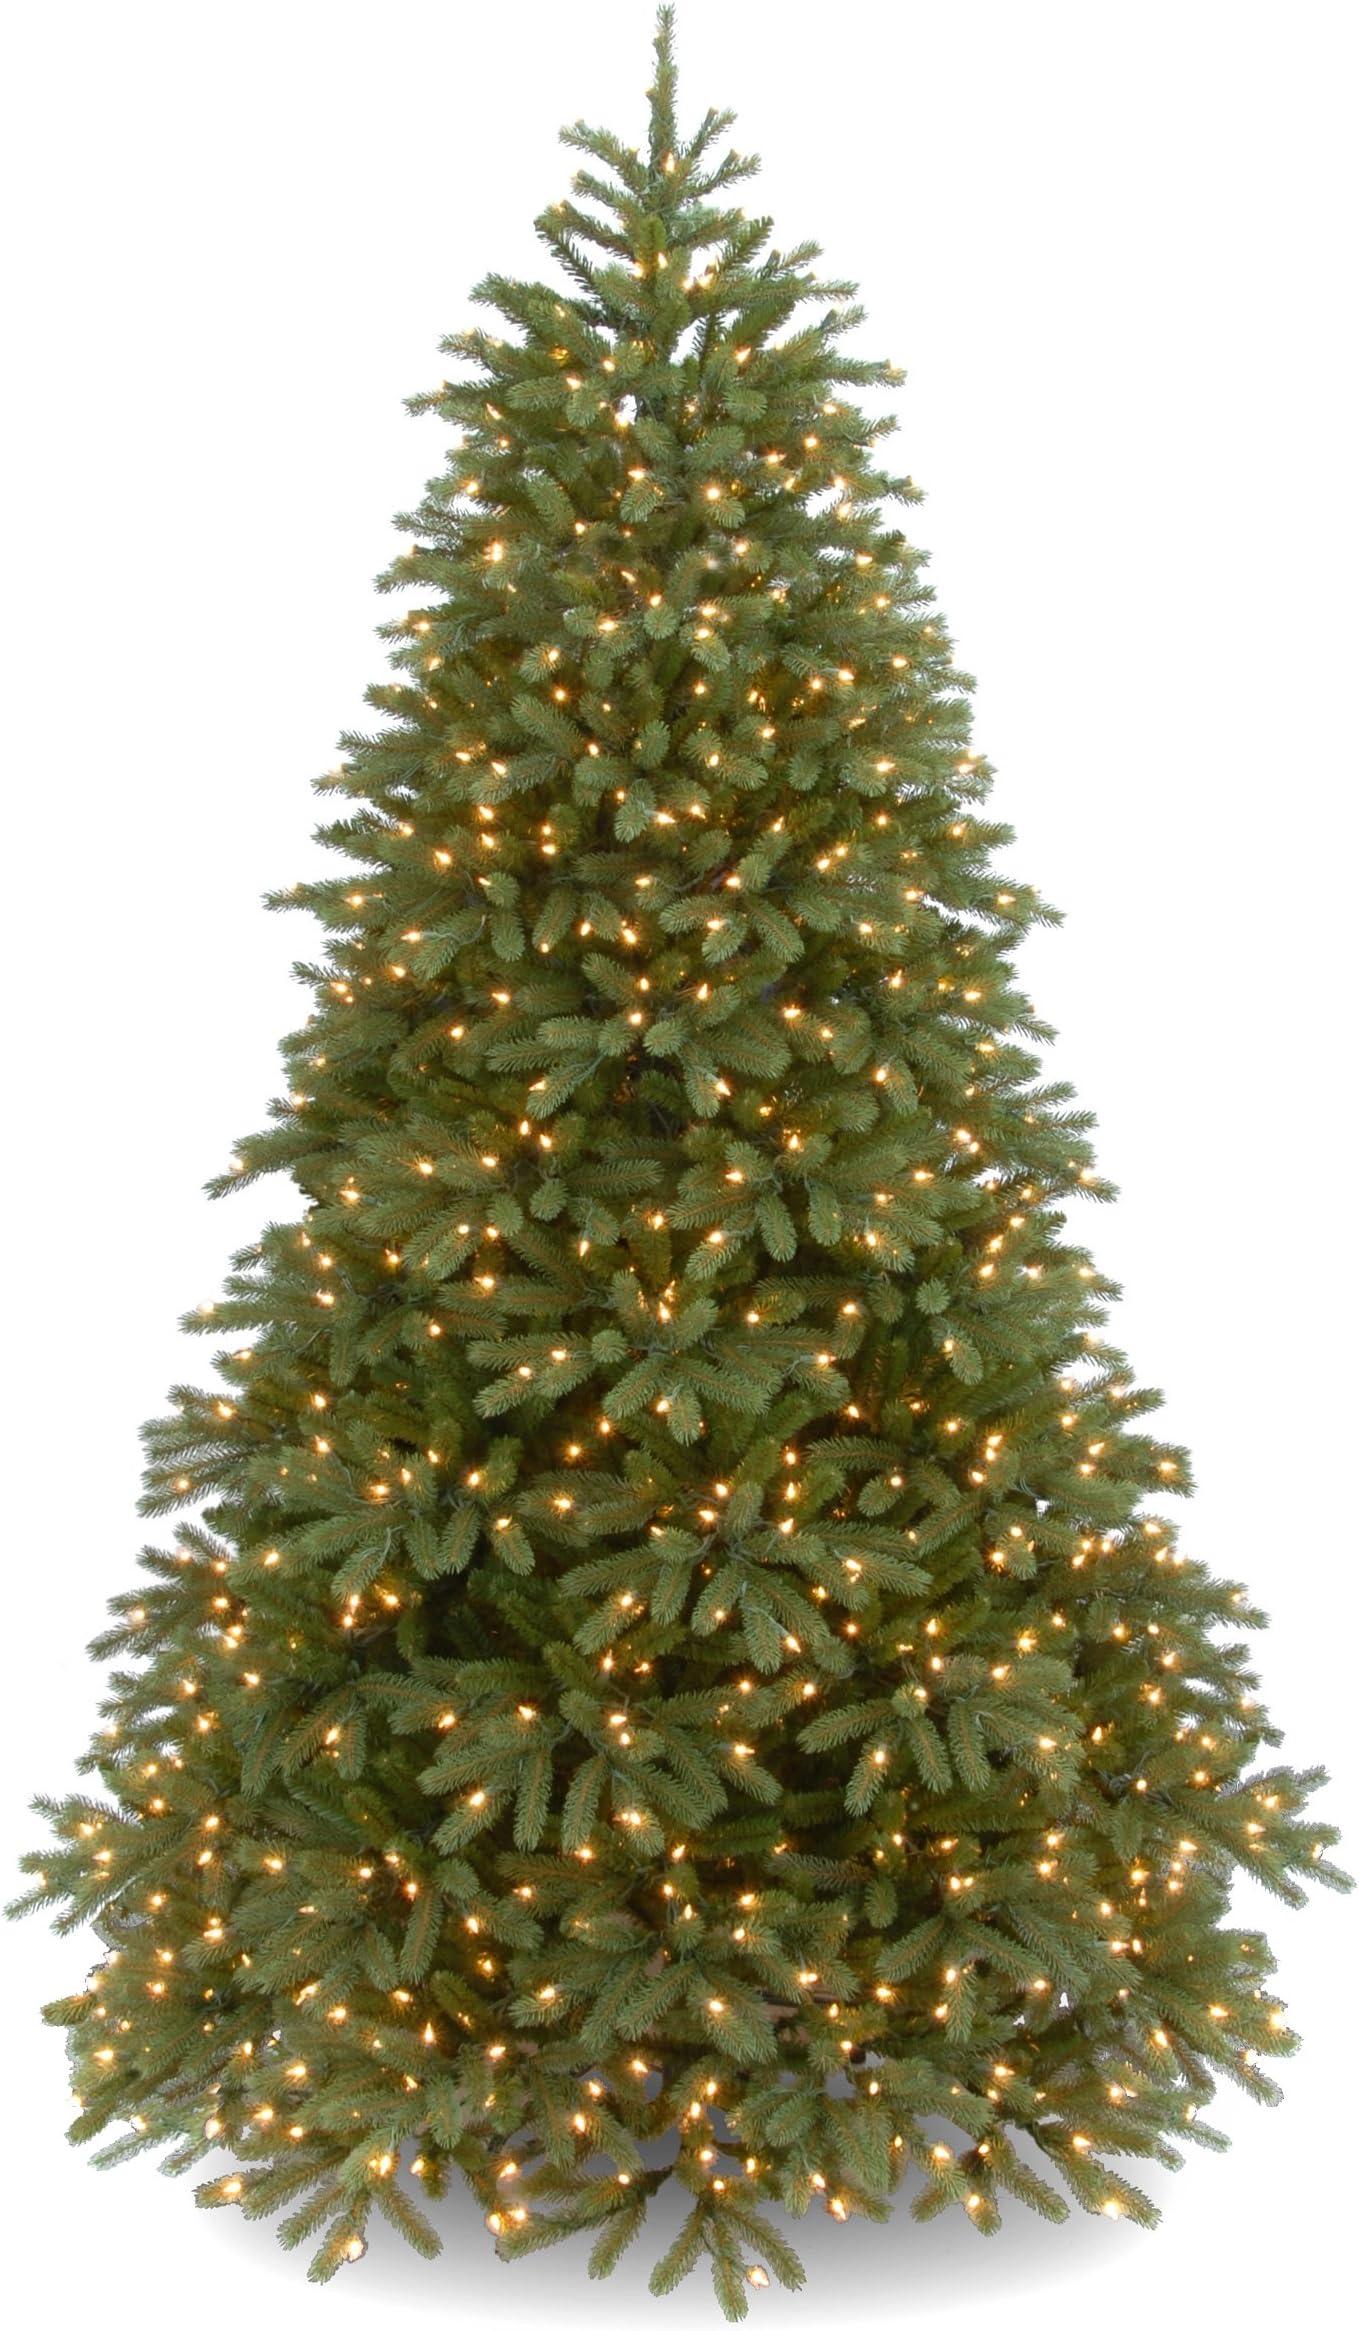 Fresh Fraser Fir Christmas Tree BoughsTips 12\u201d-20\u201d